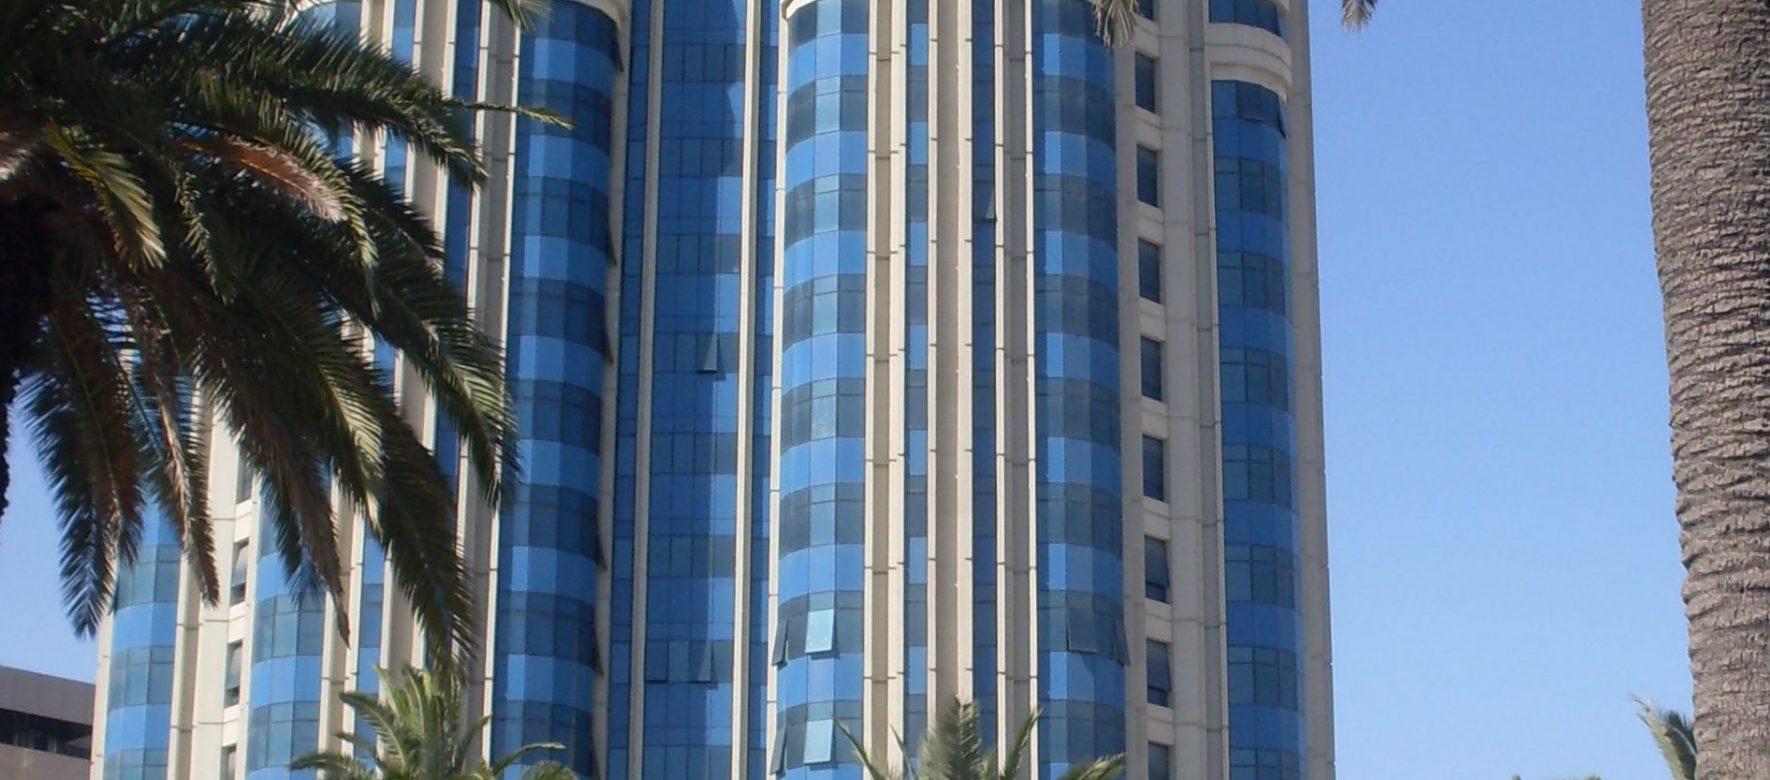 Tunisie : La Bourse tunisienne plongée dans l'incertitude en raison des incertitudes sur le gouvernement